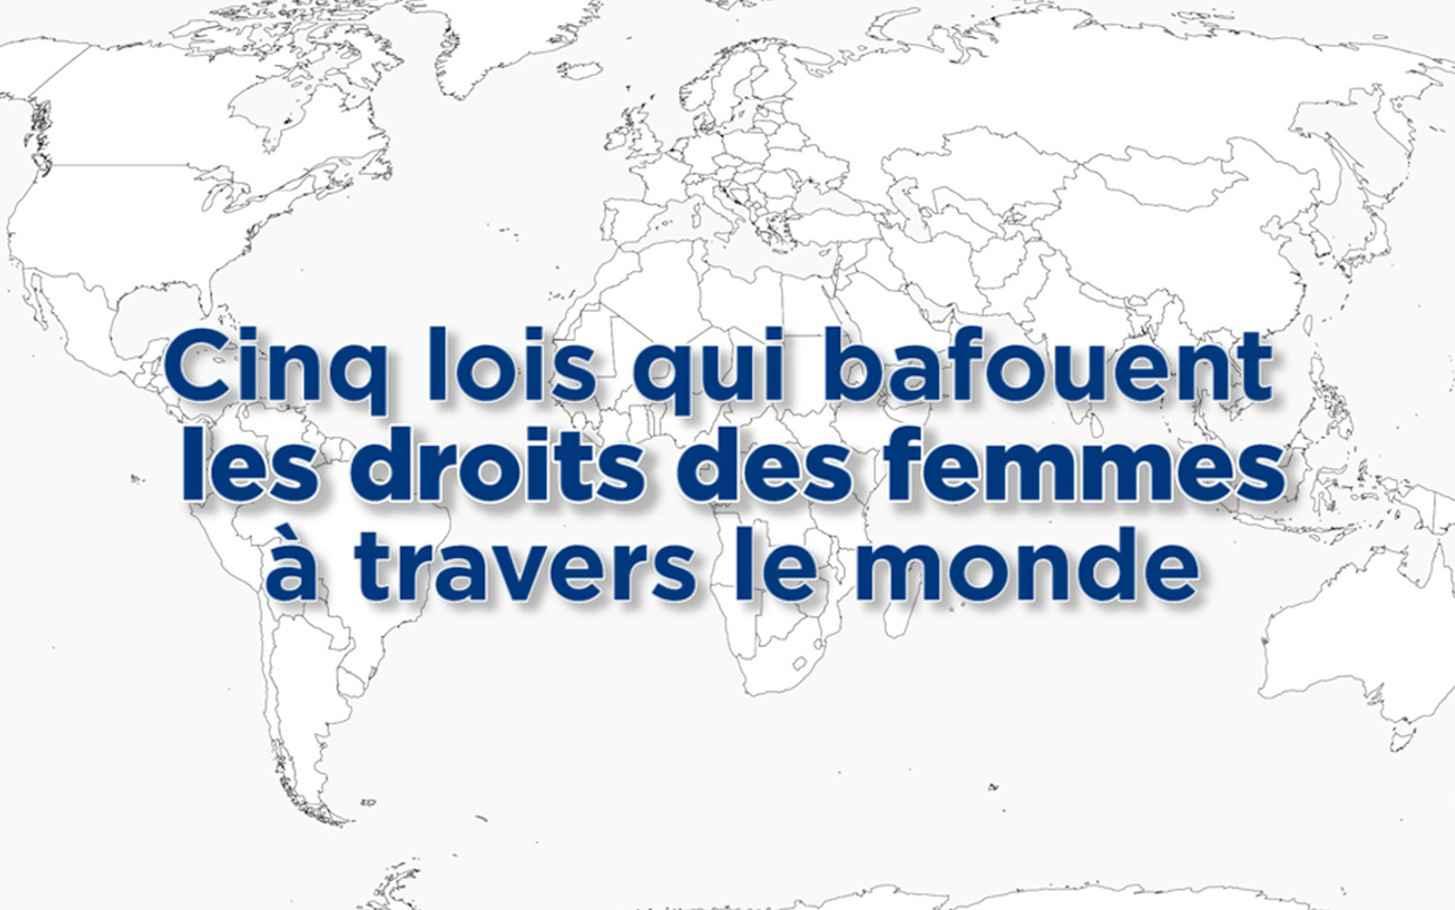 video journ e internationale des femmes cinq lois misogynes travers le monde. Black Bedroom Furniture Sets. Home Design Ideas